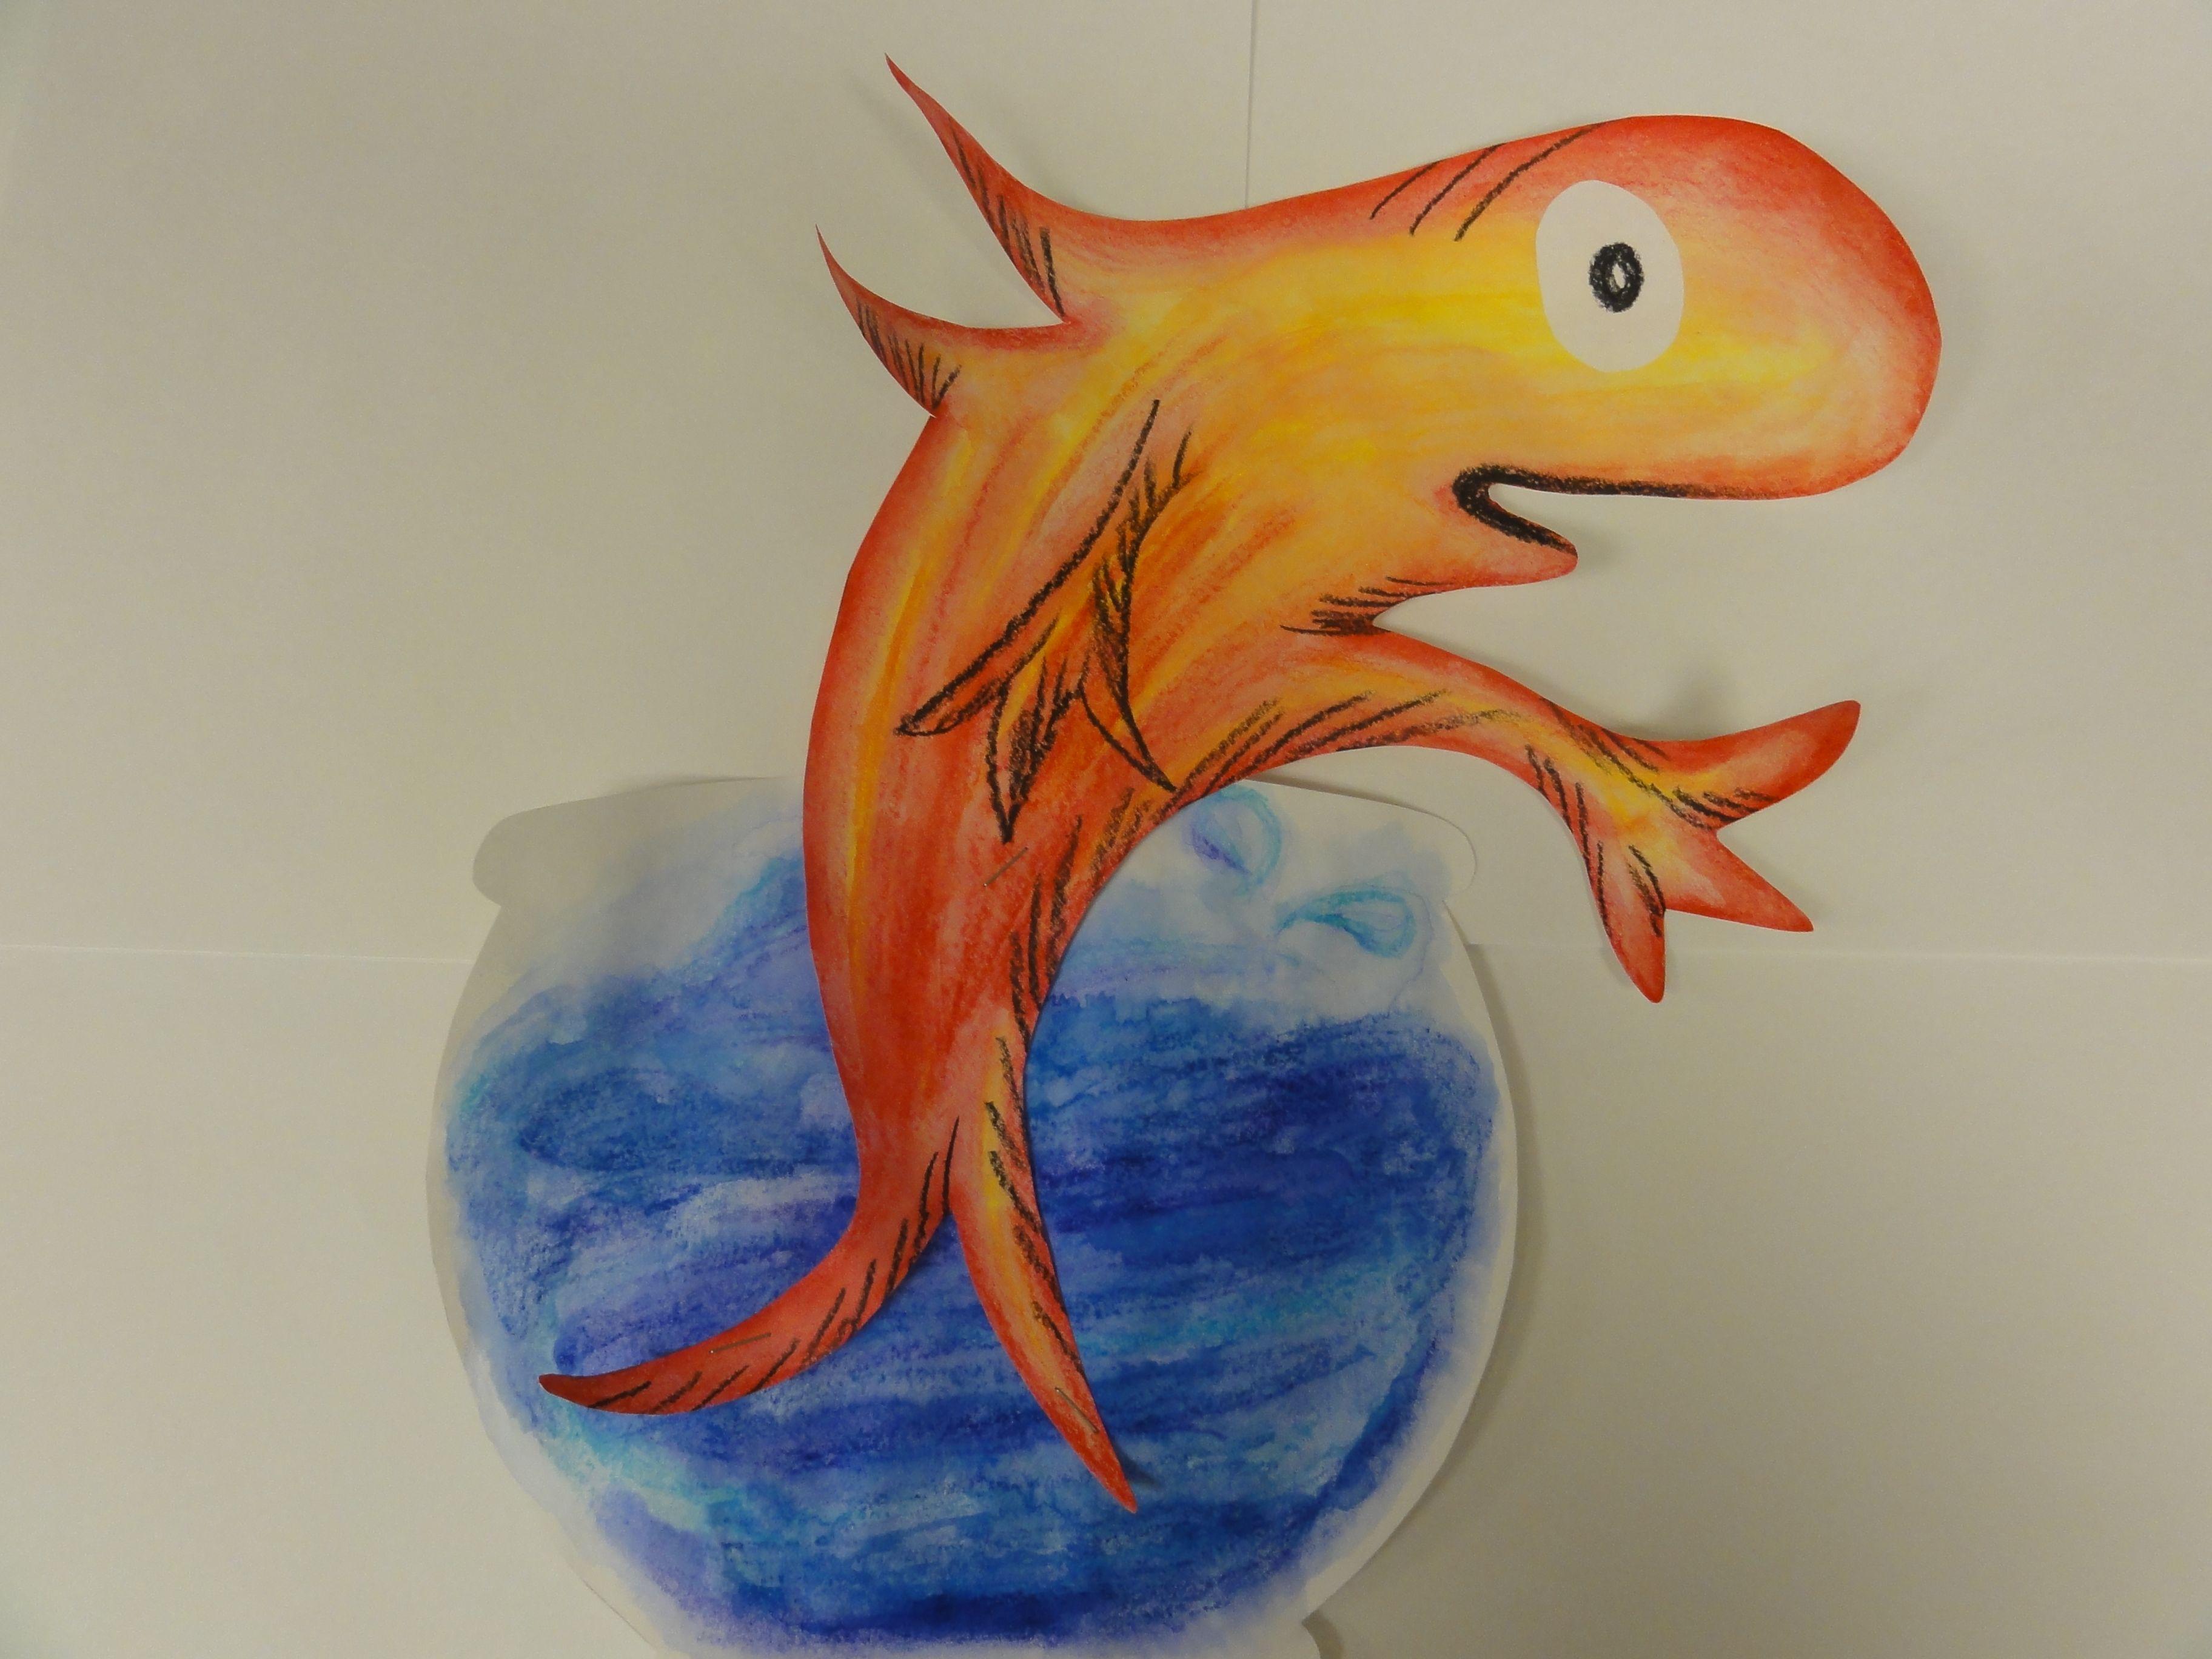 Dr seuss fishkcheh watercolor crayons art project